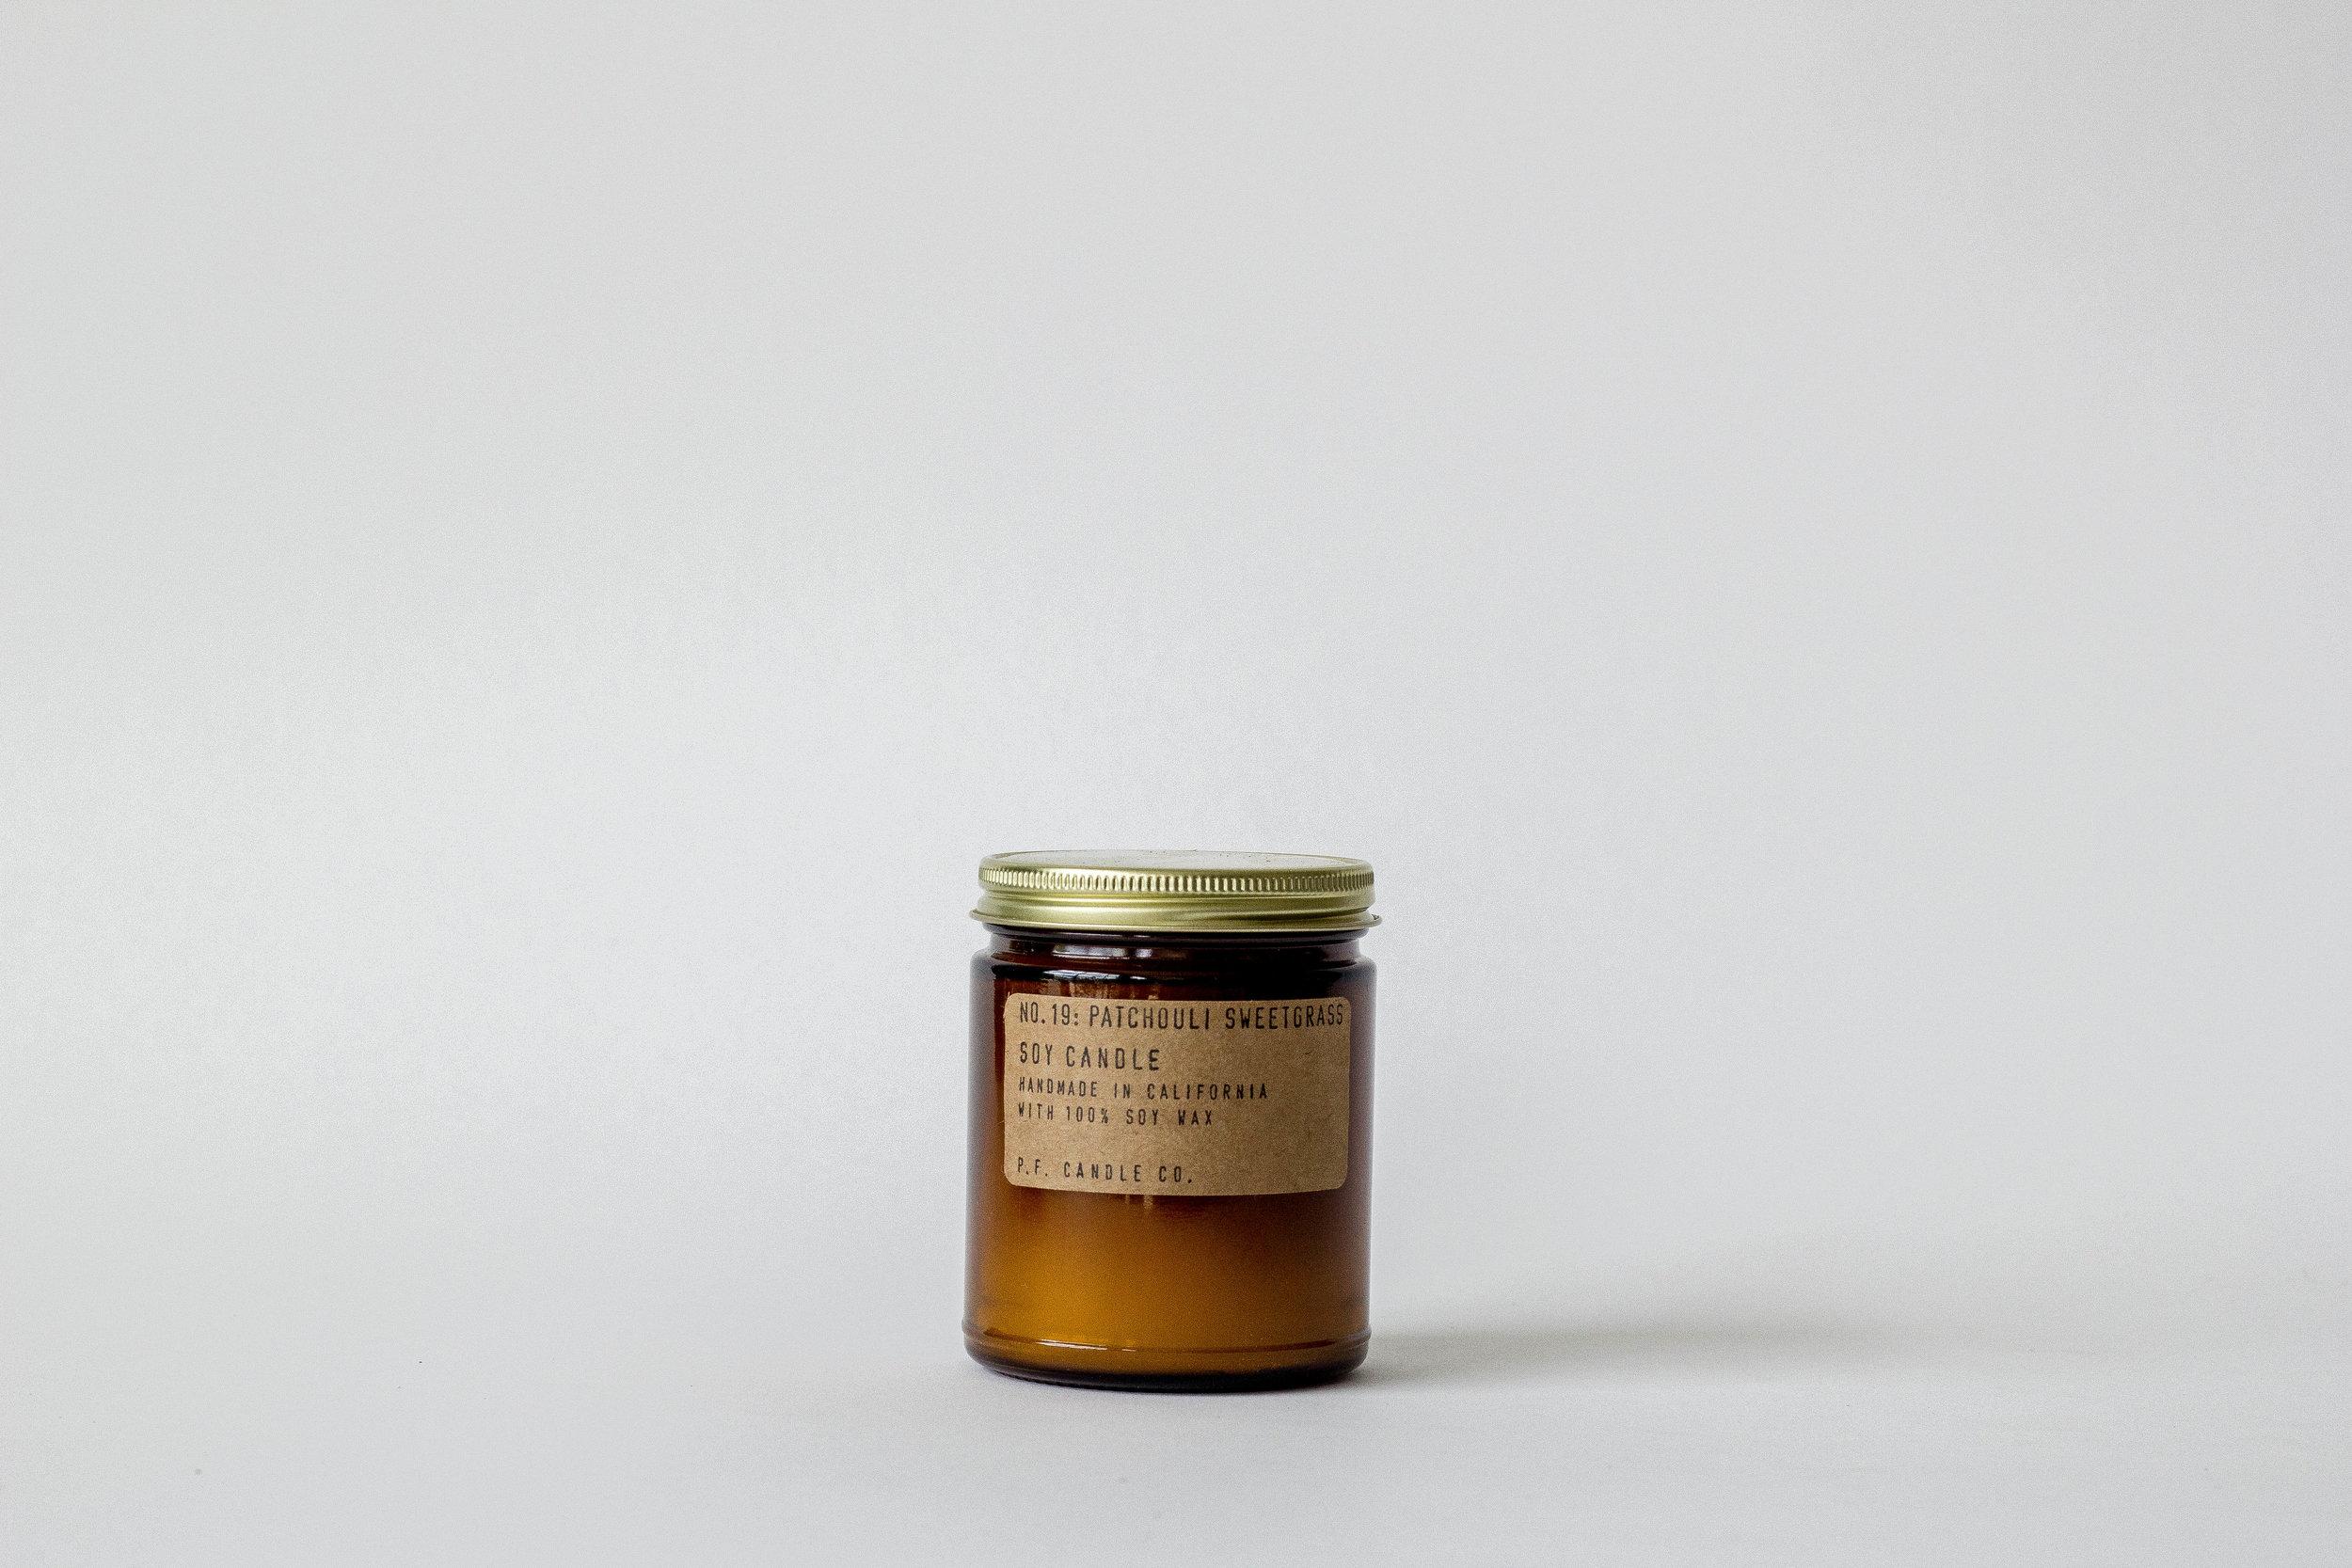 Klar auch als Maxiteelicht im Acryl-Cup 16 Teelichter in Transparenthülle